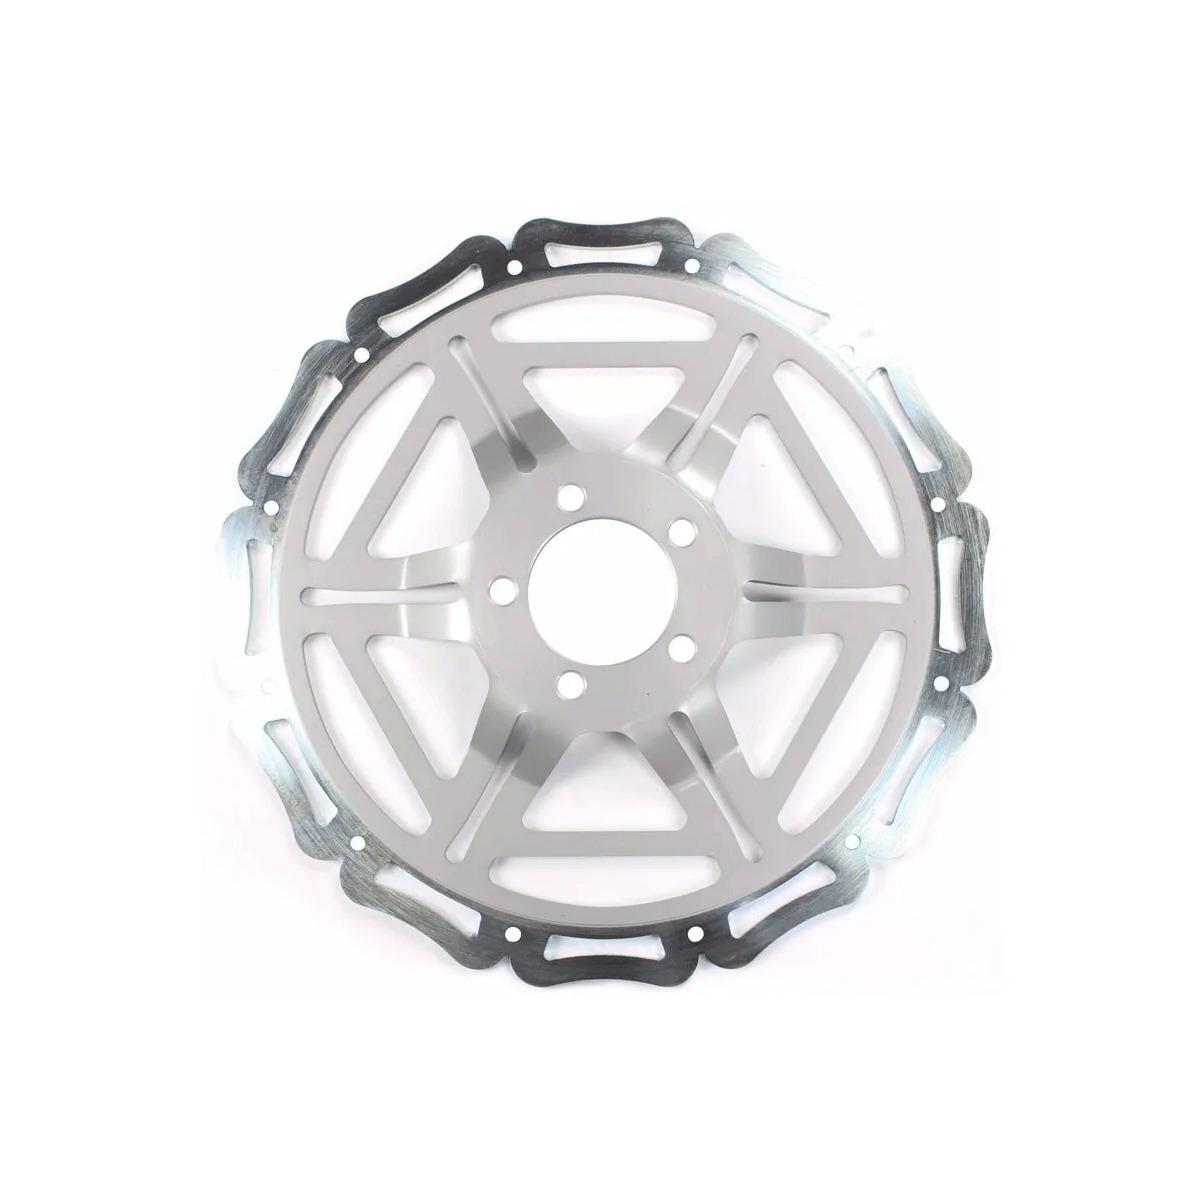 Discao 320 Mm Cg 150 Titan Ex 2009 A 2015 Com Suporte